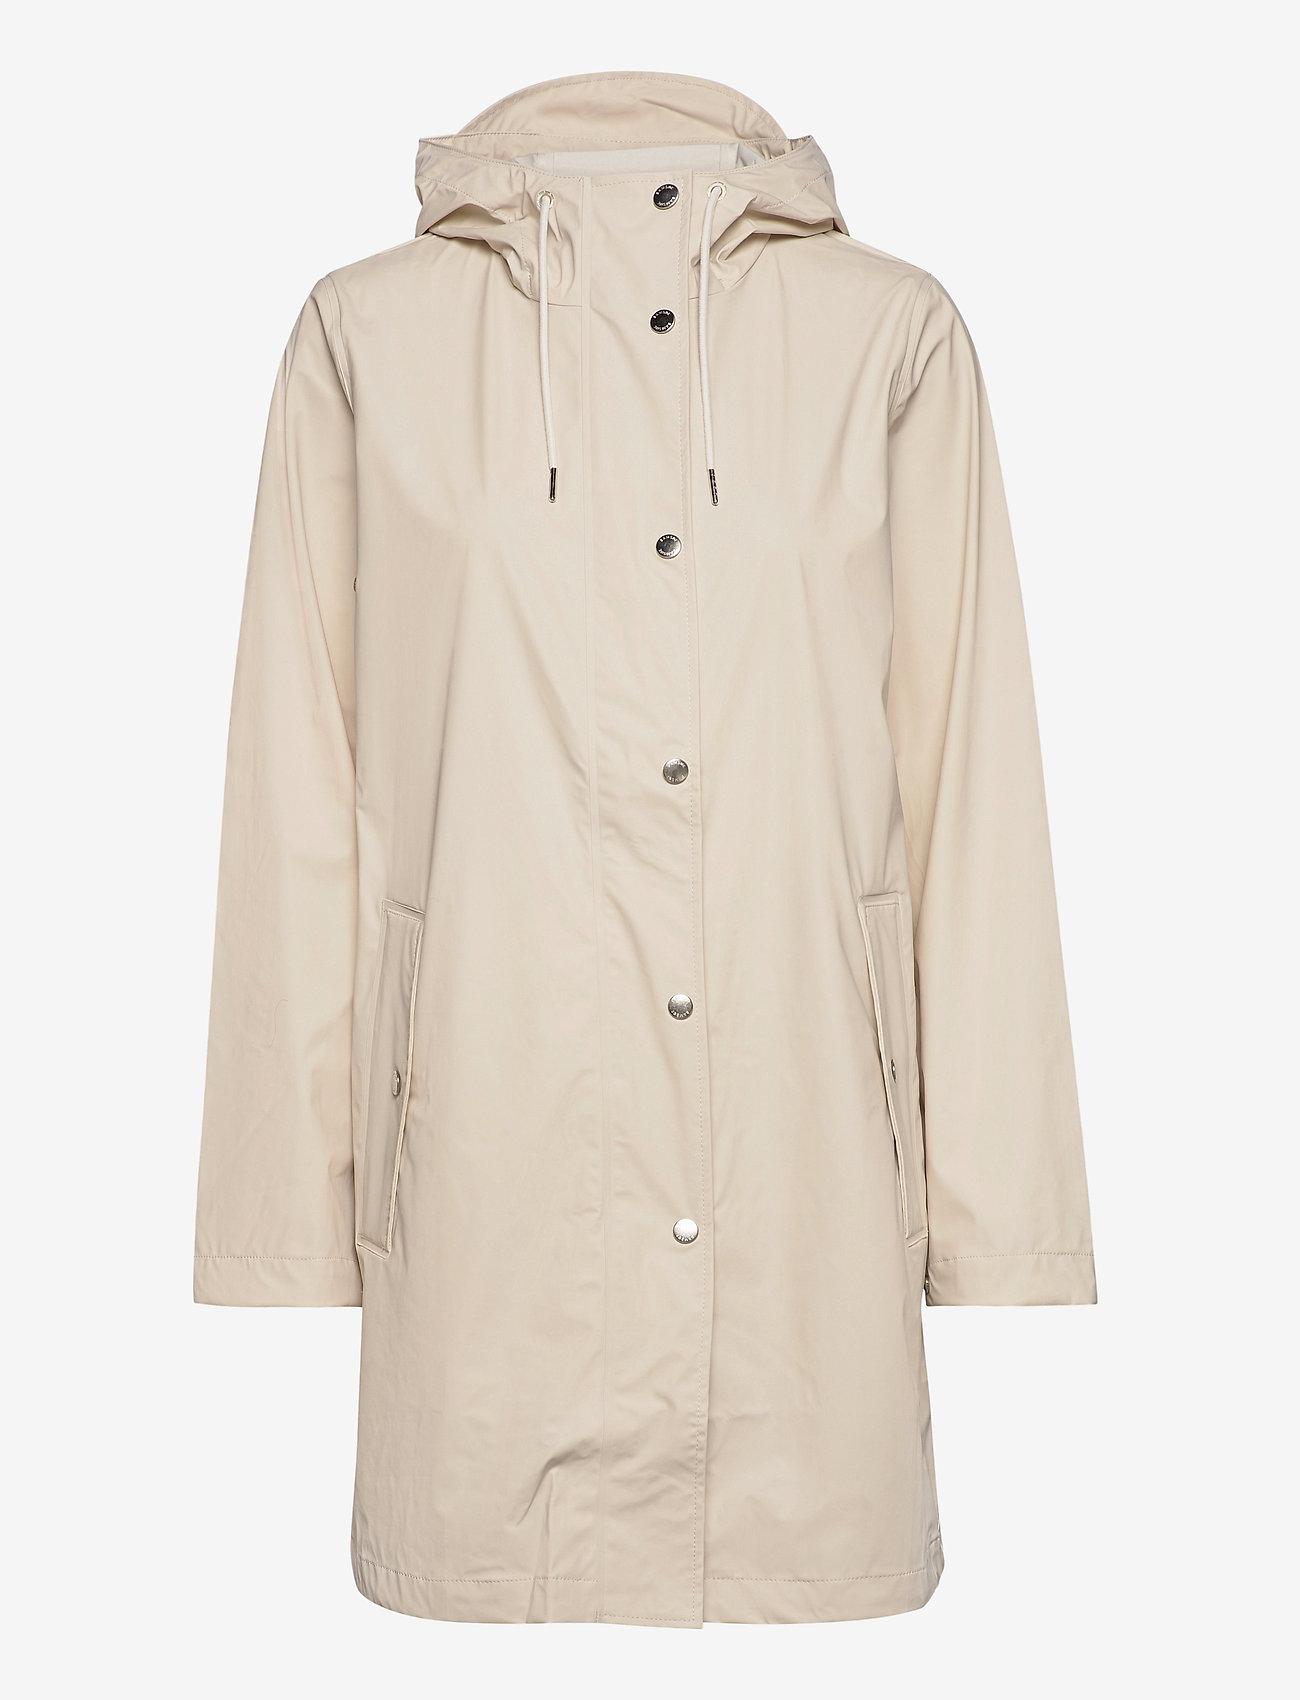 Samsøe Samsøe - Stala jacket 7357 - regntøj - warm white - 0